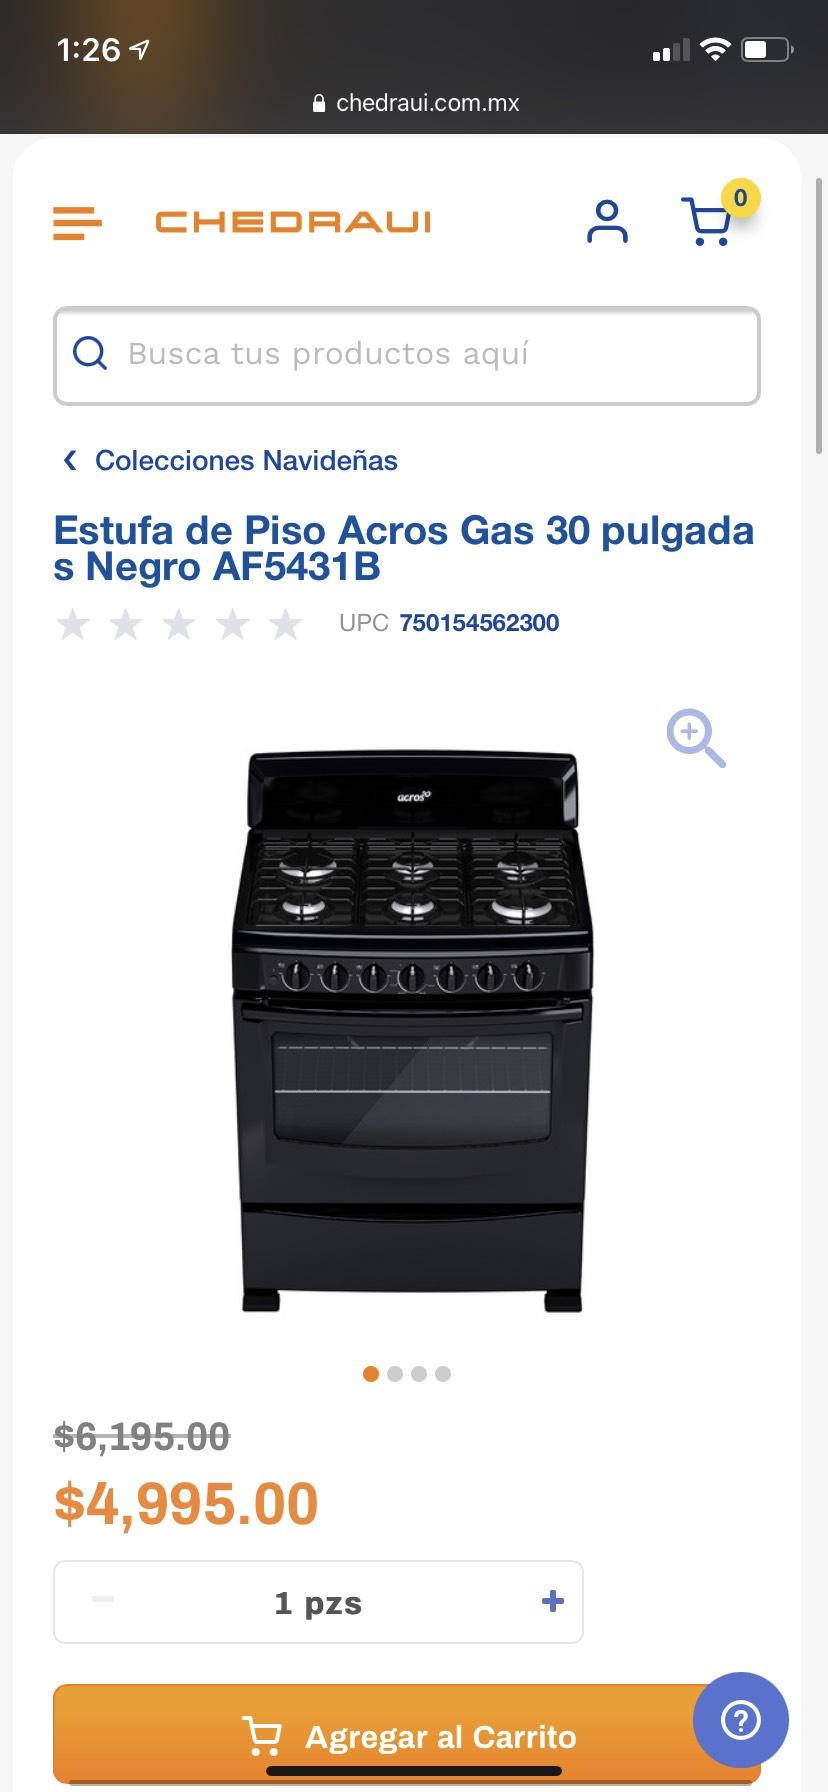 Chedraui: Estufa de Piso Acros Gas 30 pulgadas